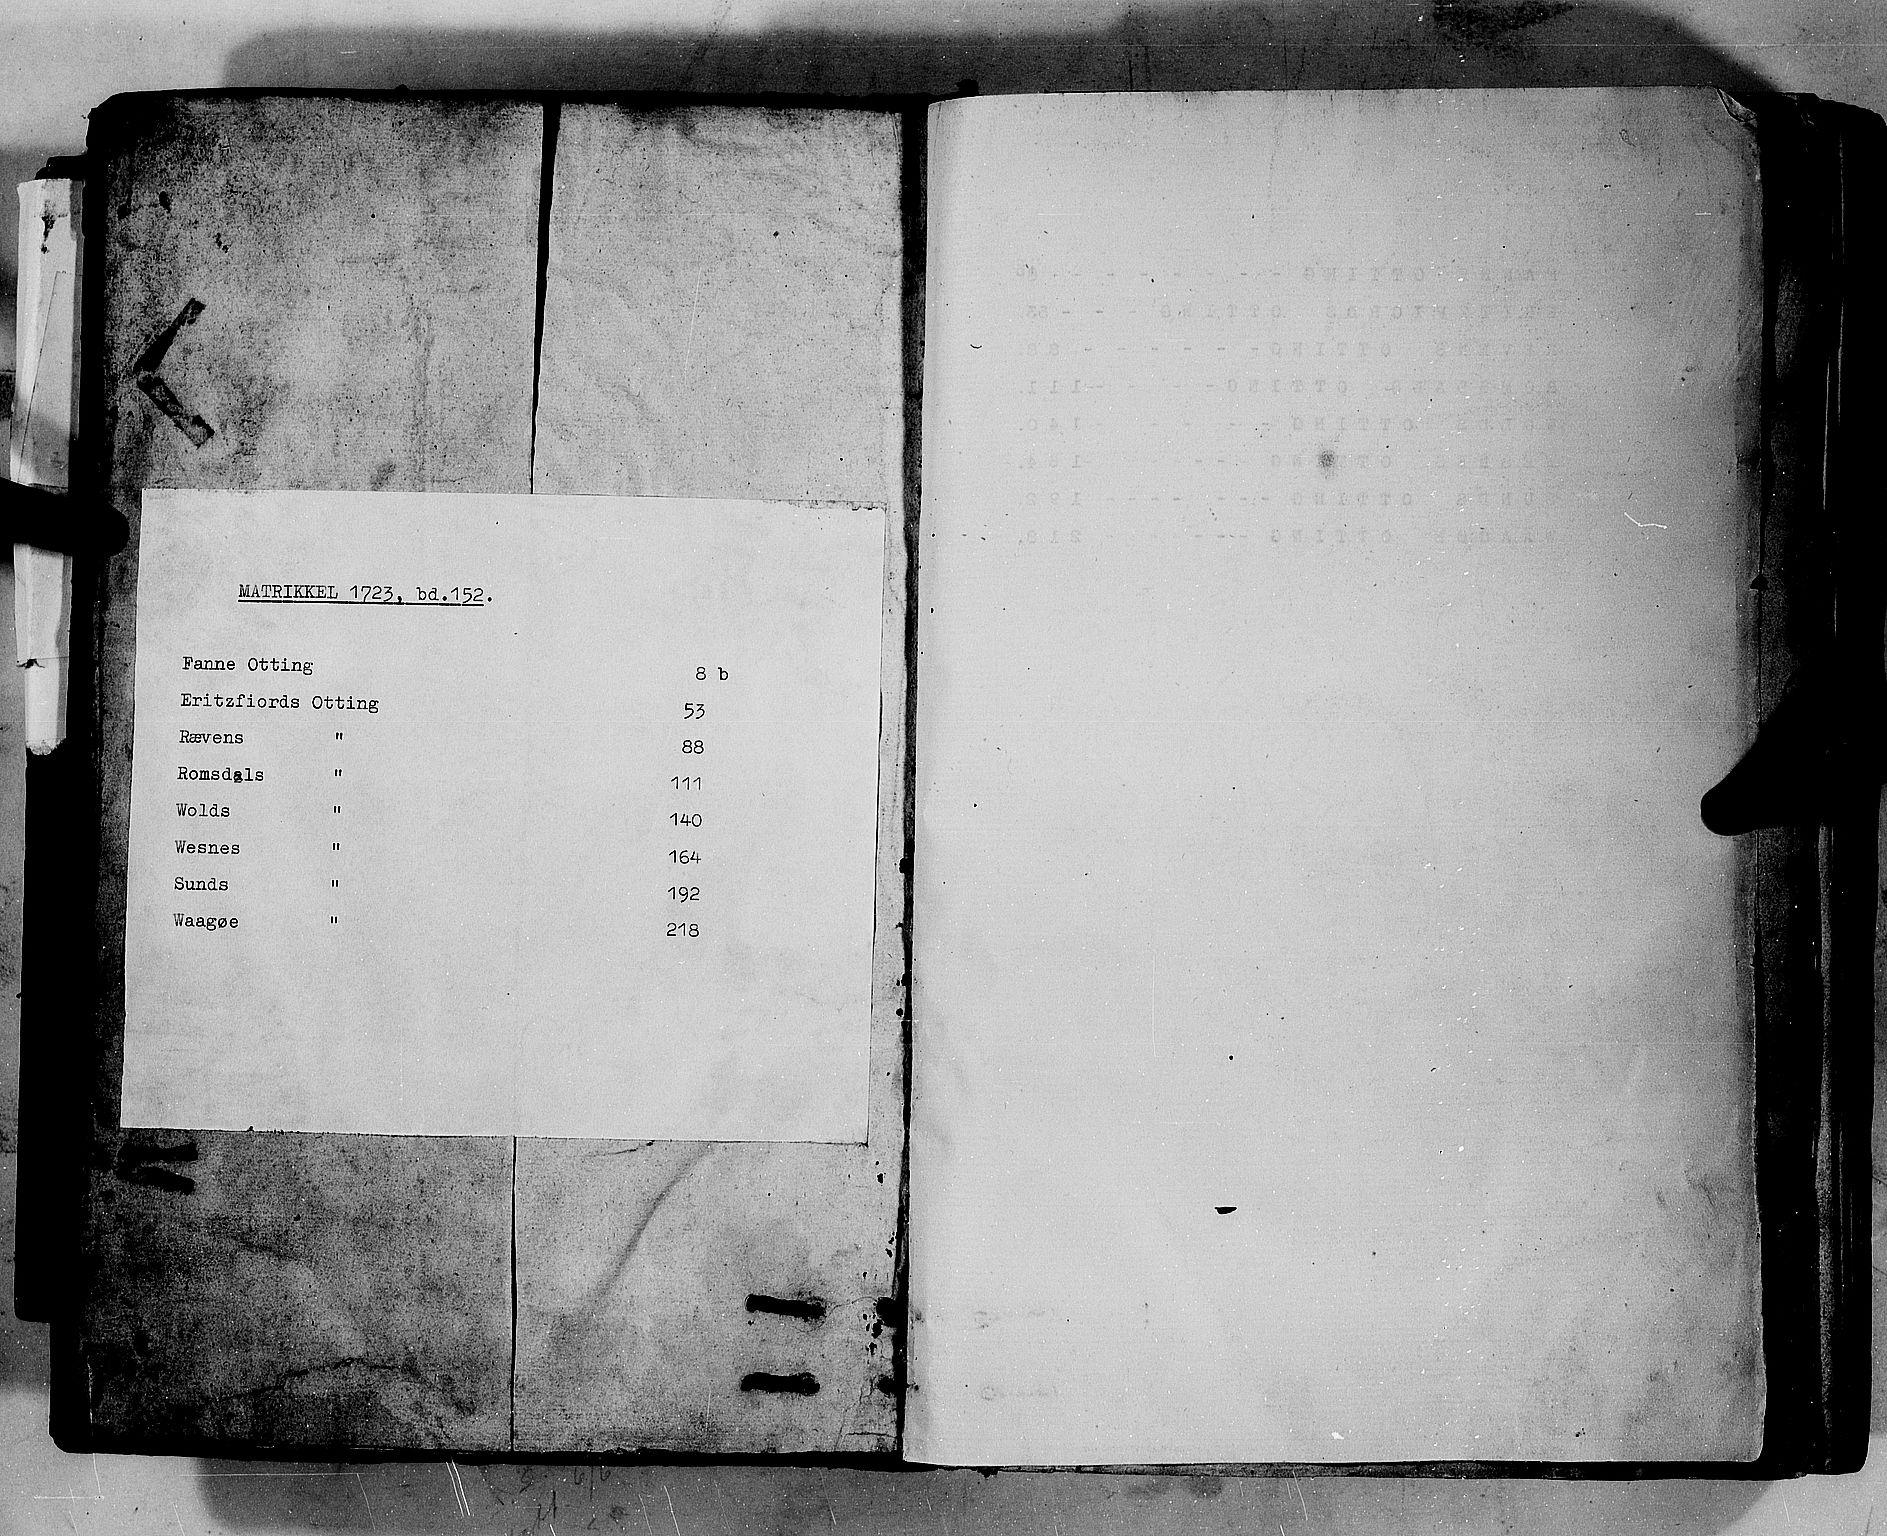 RA, Rentekammeret inntil 1814, Realistisk ordnet avdeling, N/Nb/Nbf/L0152: Romsdal eksaminasjonsprotokoll, 1724, s. upaginert